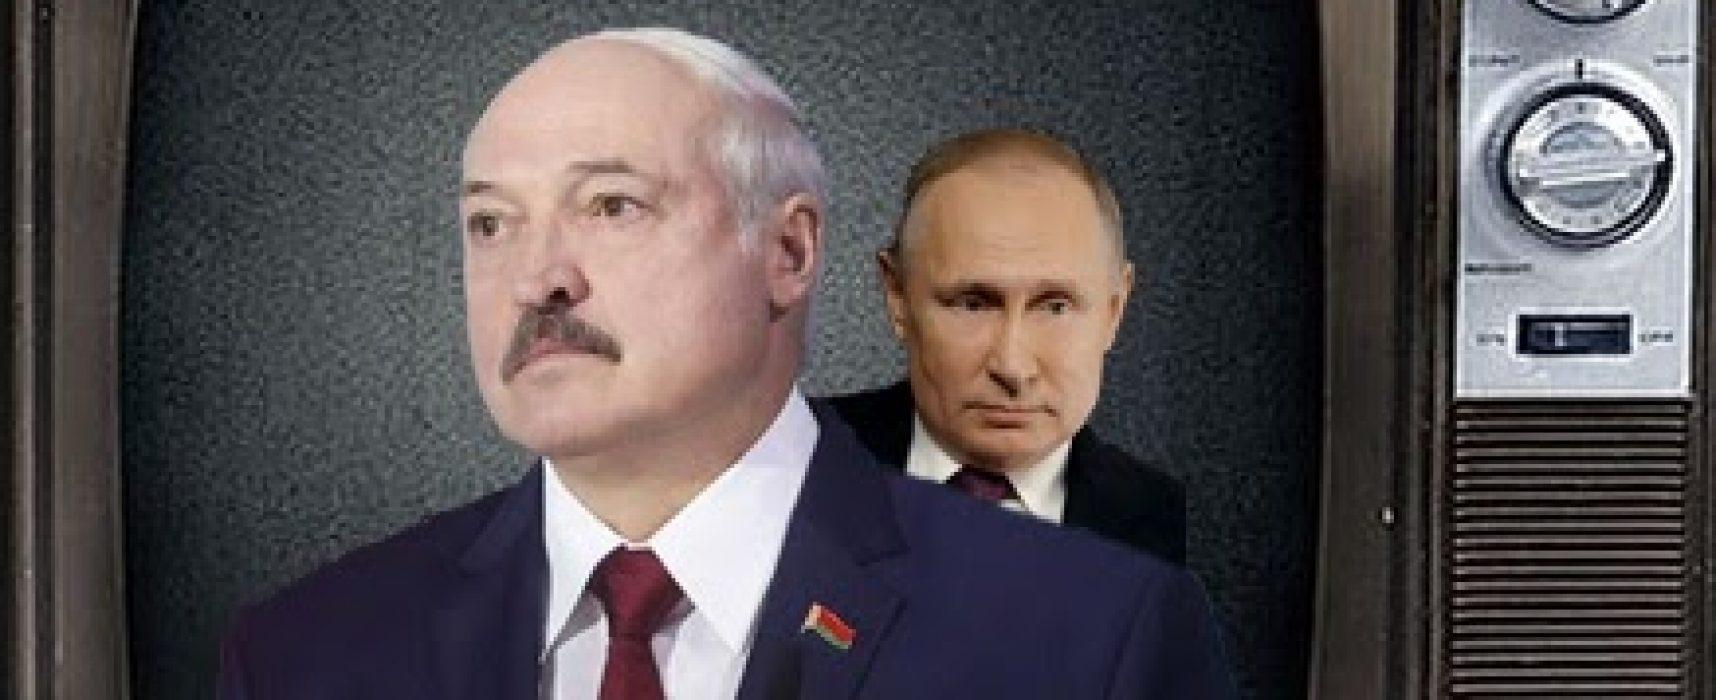 Протести в Білорусі очима Кремля